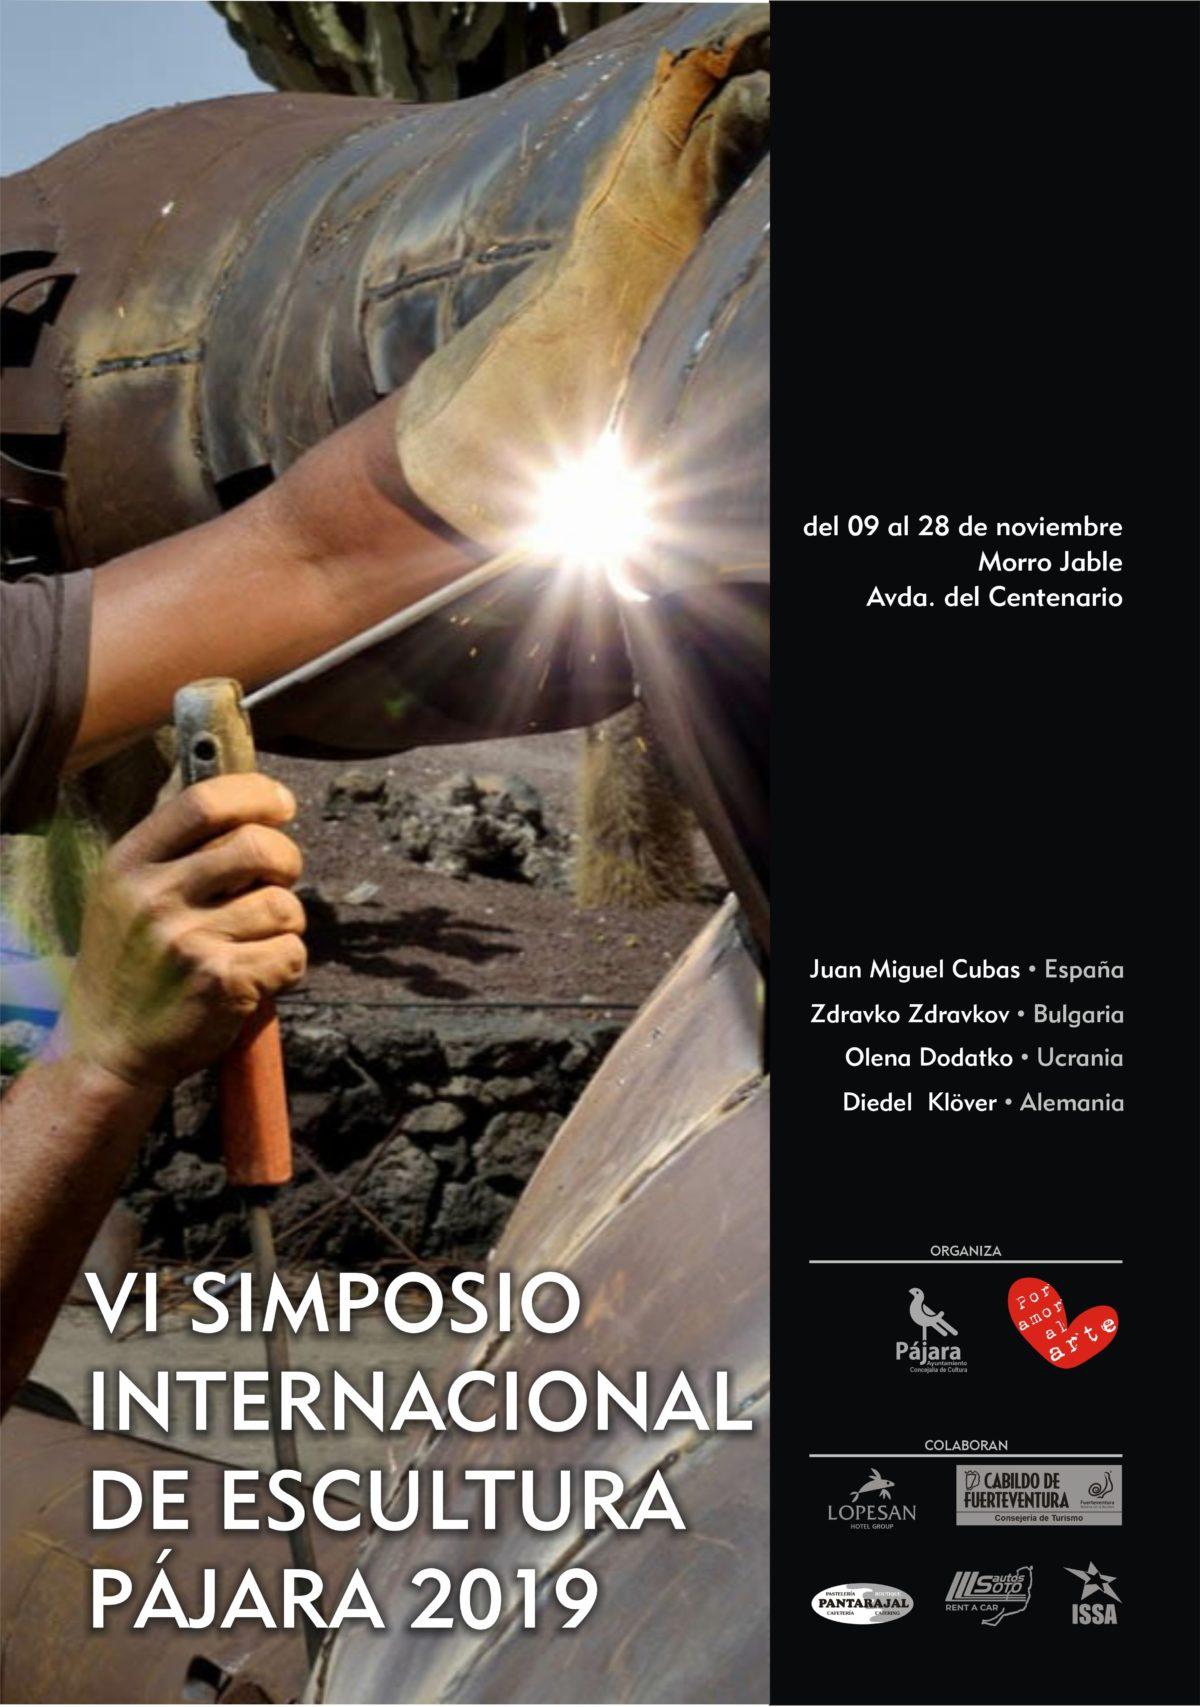 Clausura del VI Simposio Internacional de Escultura Pájara 2019